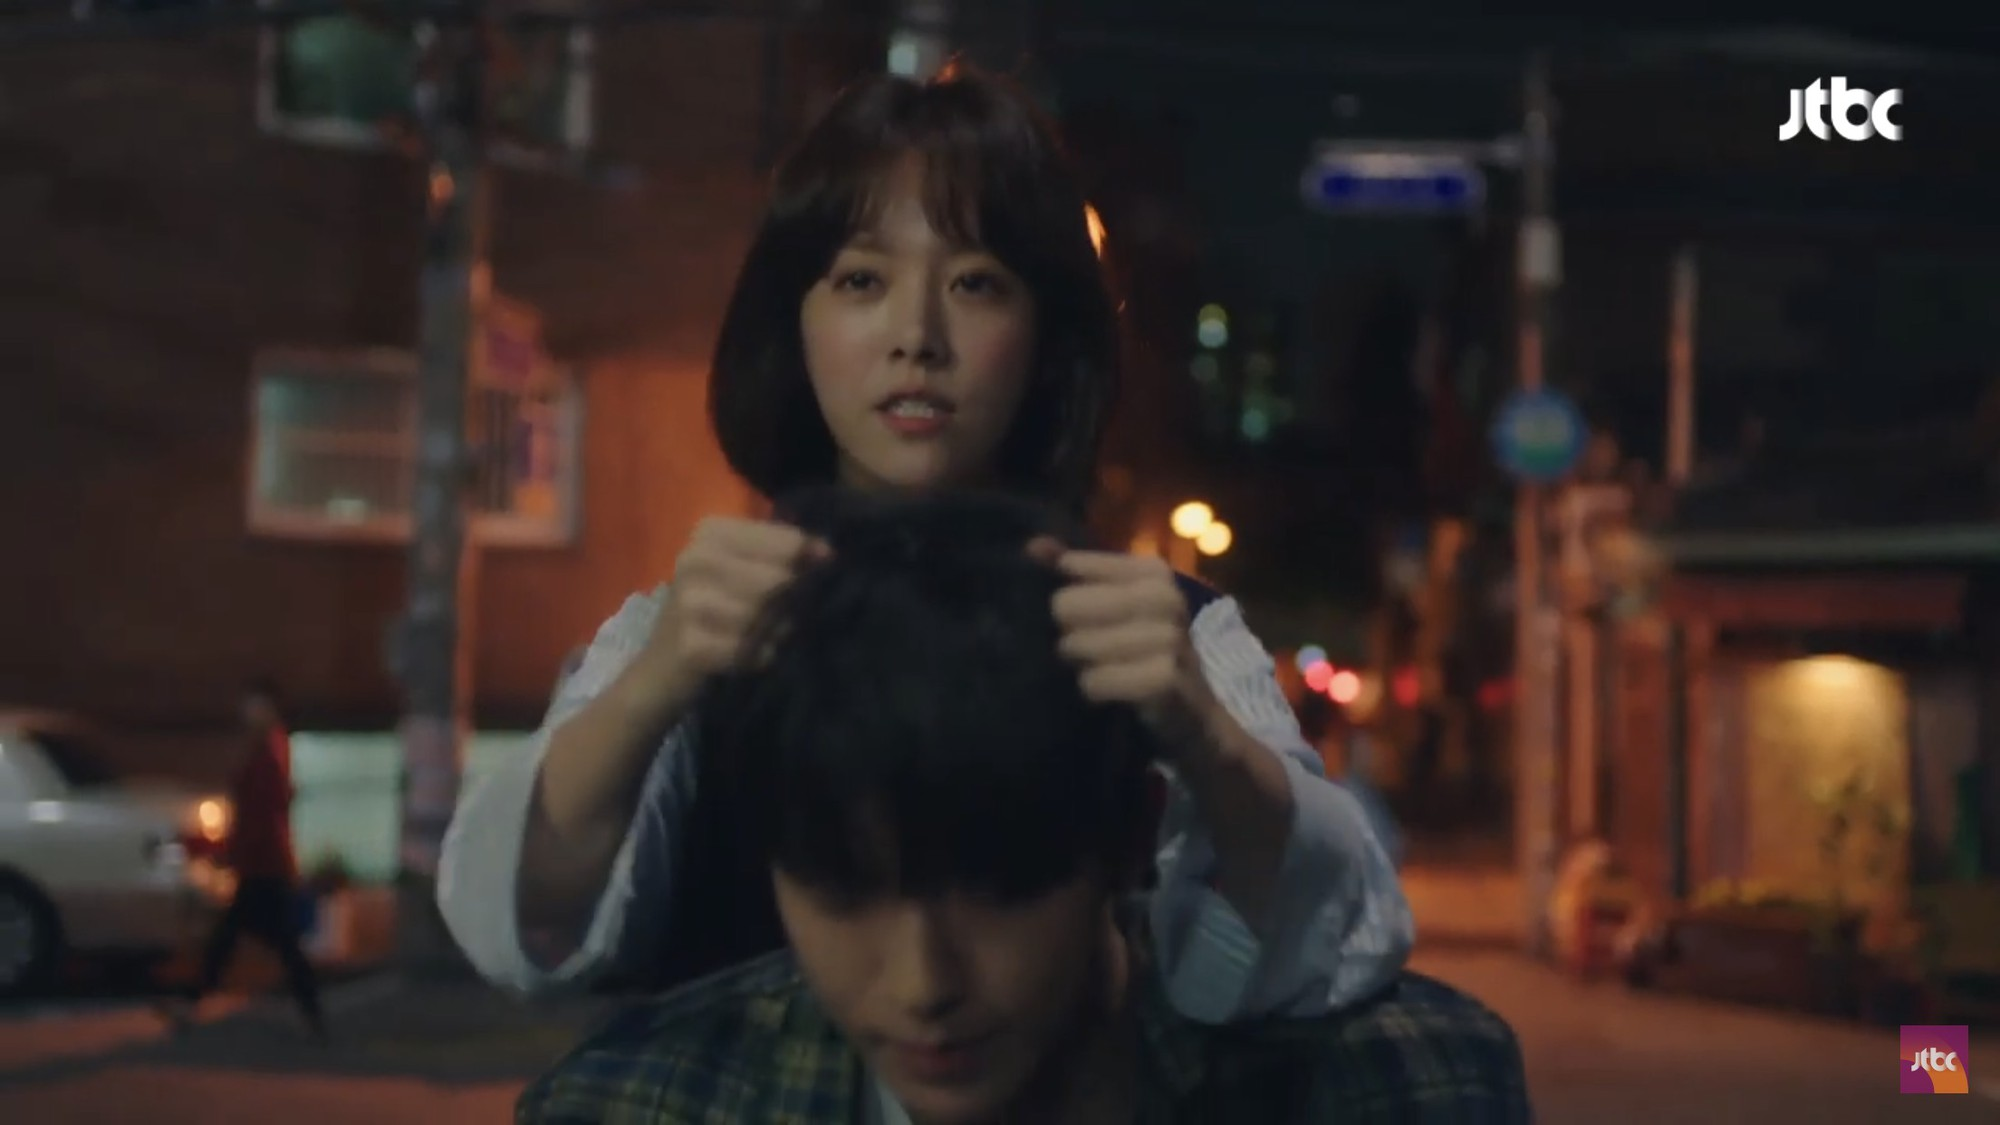 Lầy mà dễ thương như Han Ji Min trong Dazzling thì có đáng yêu không? - Ảnh 2.